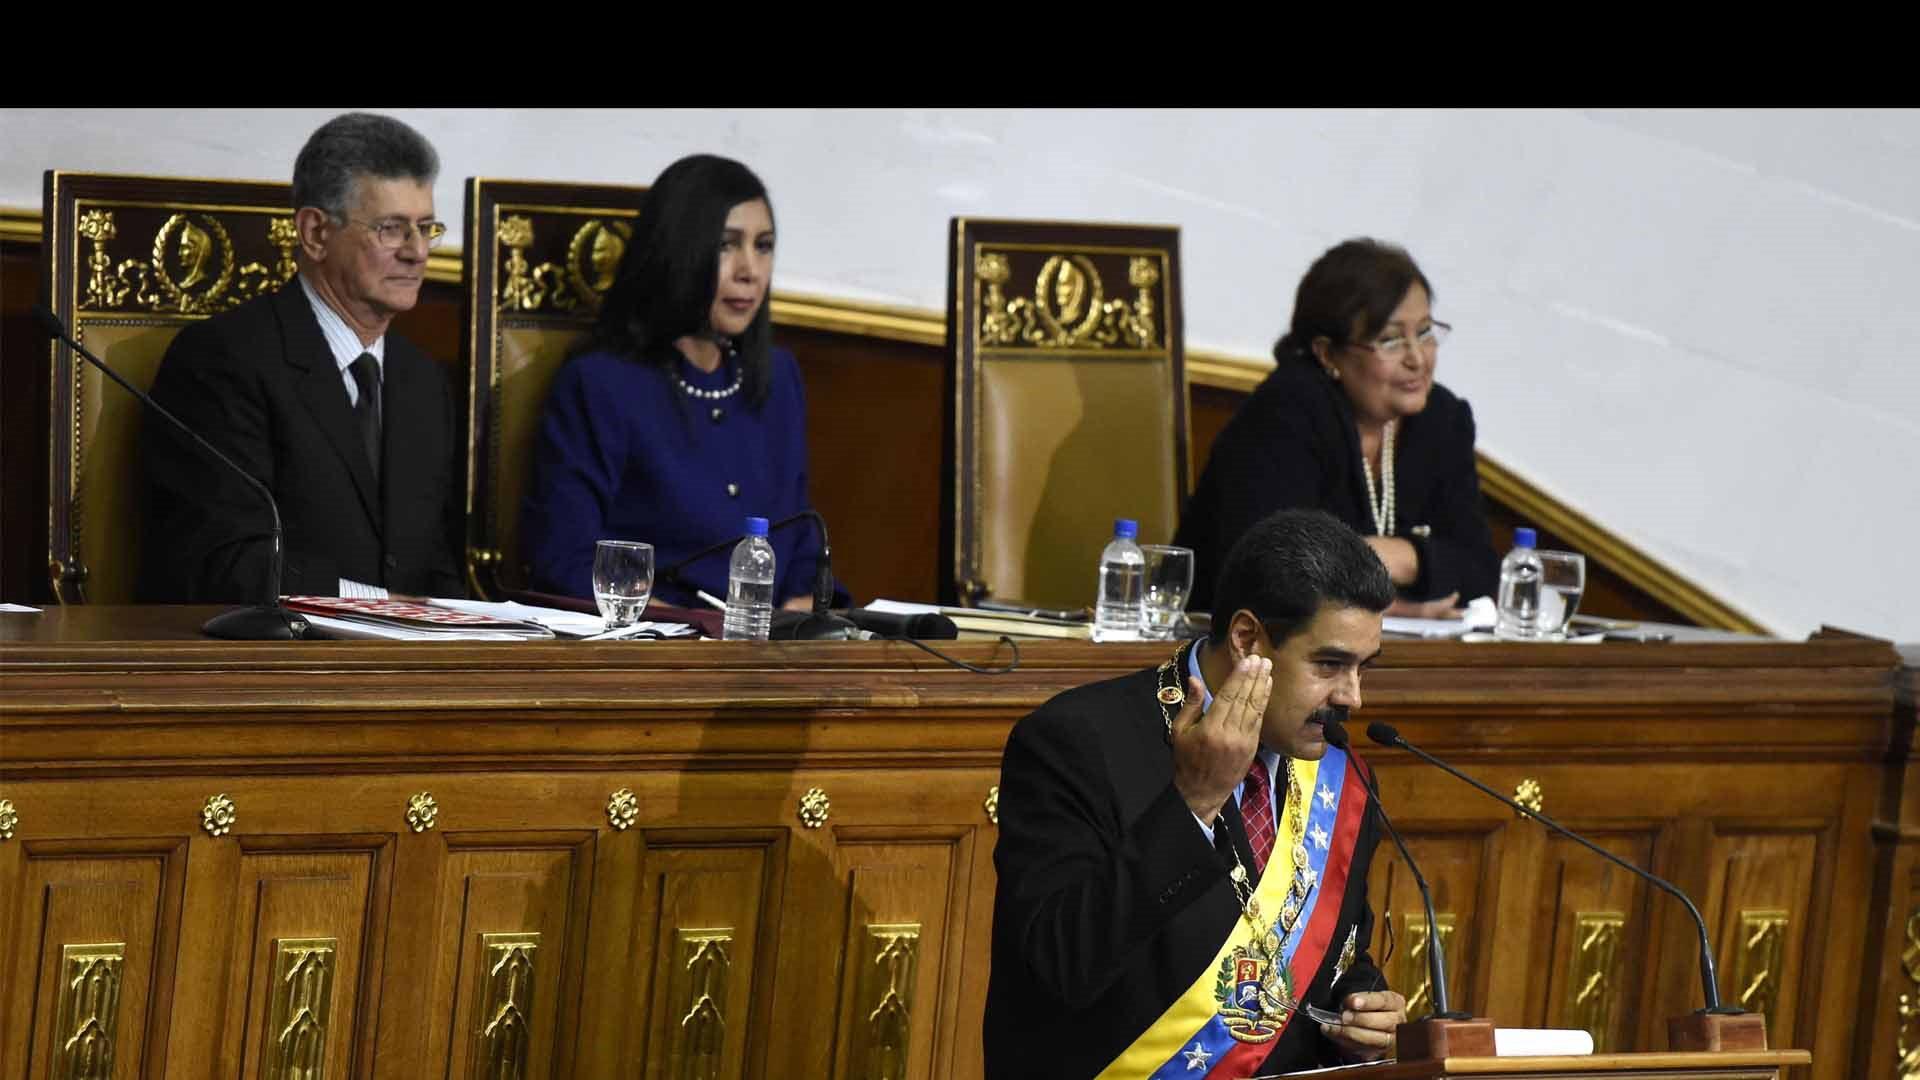 La constitución venezolana permite a la AN emitir sanciones en contra del presidente, más no removerlo de su cargo